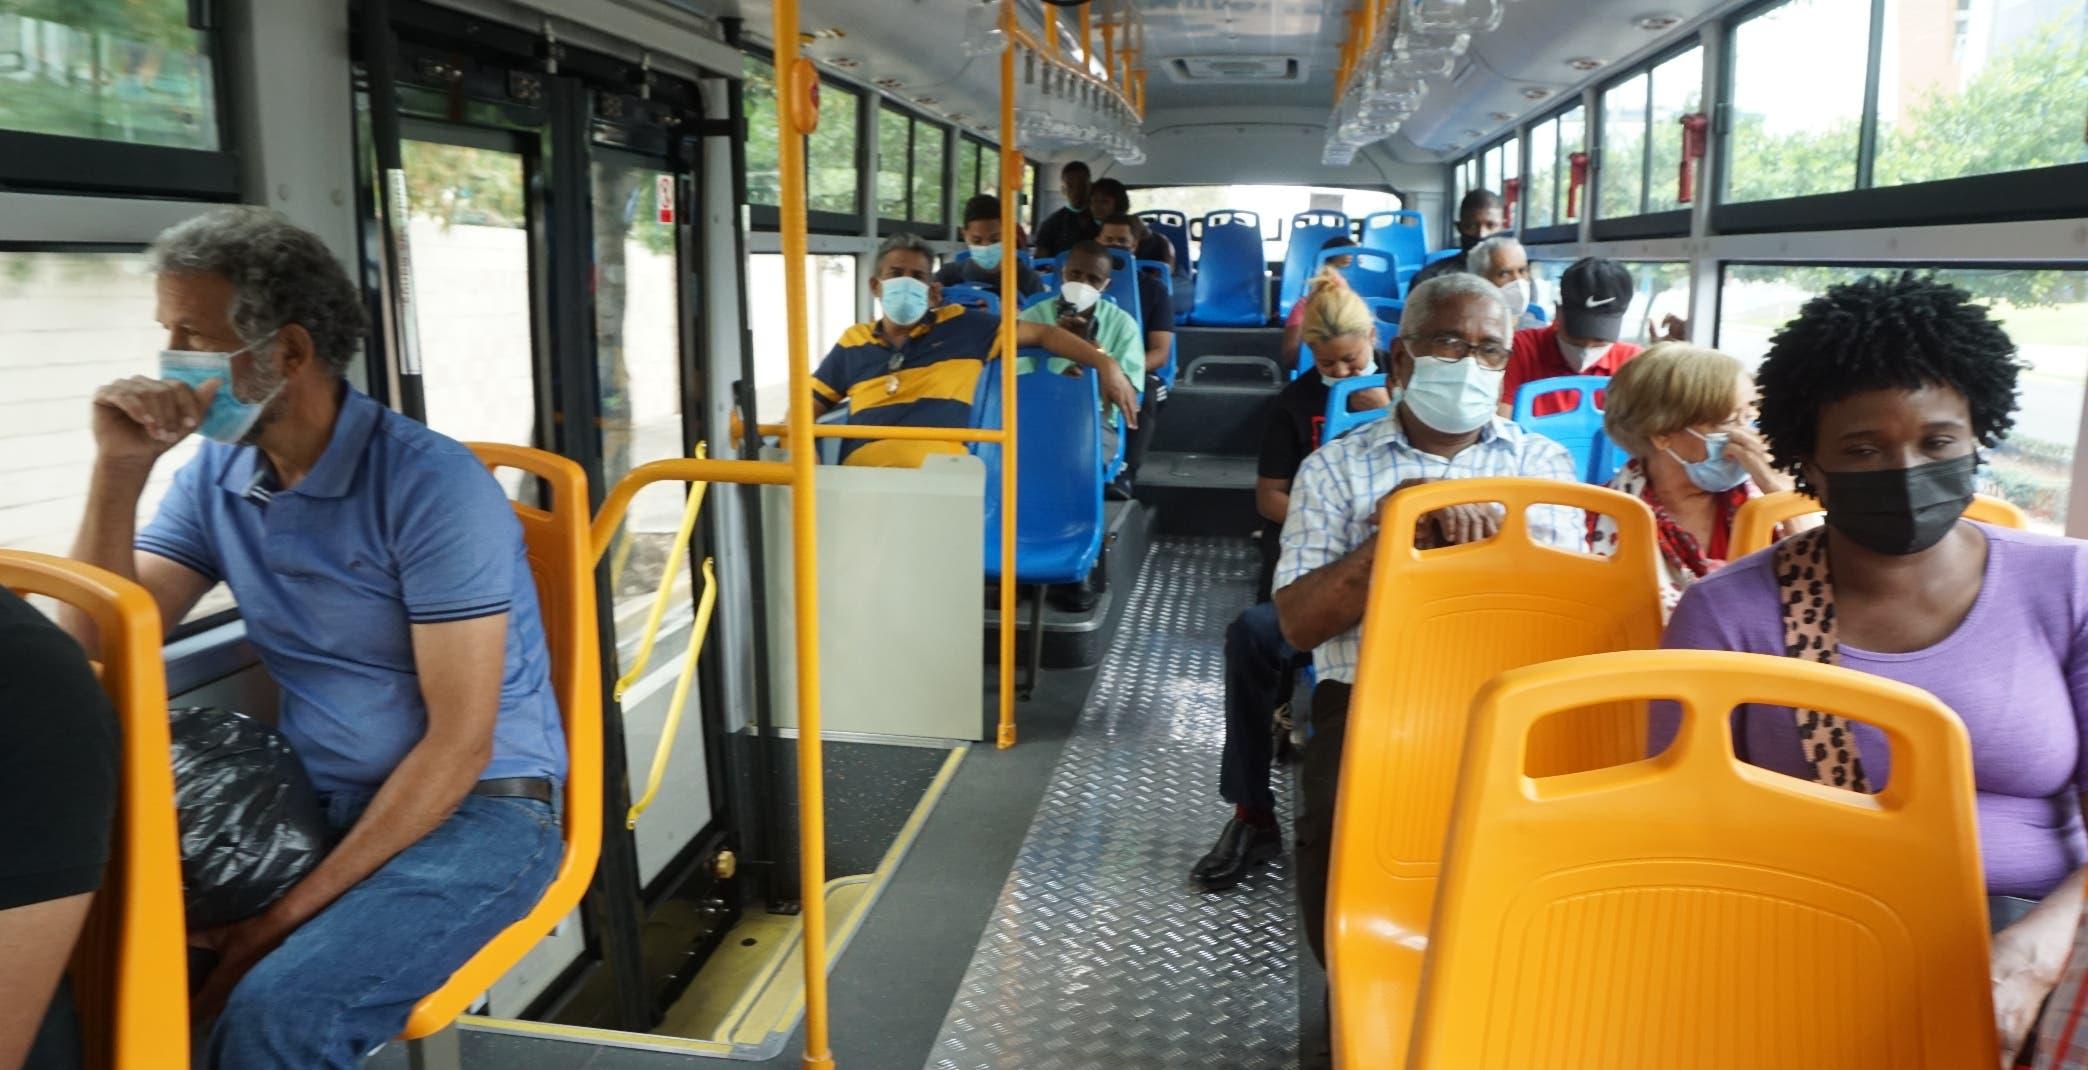 El sistema de transporte público marcha camino a ser transformado